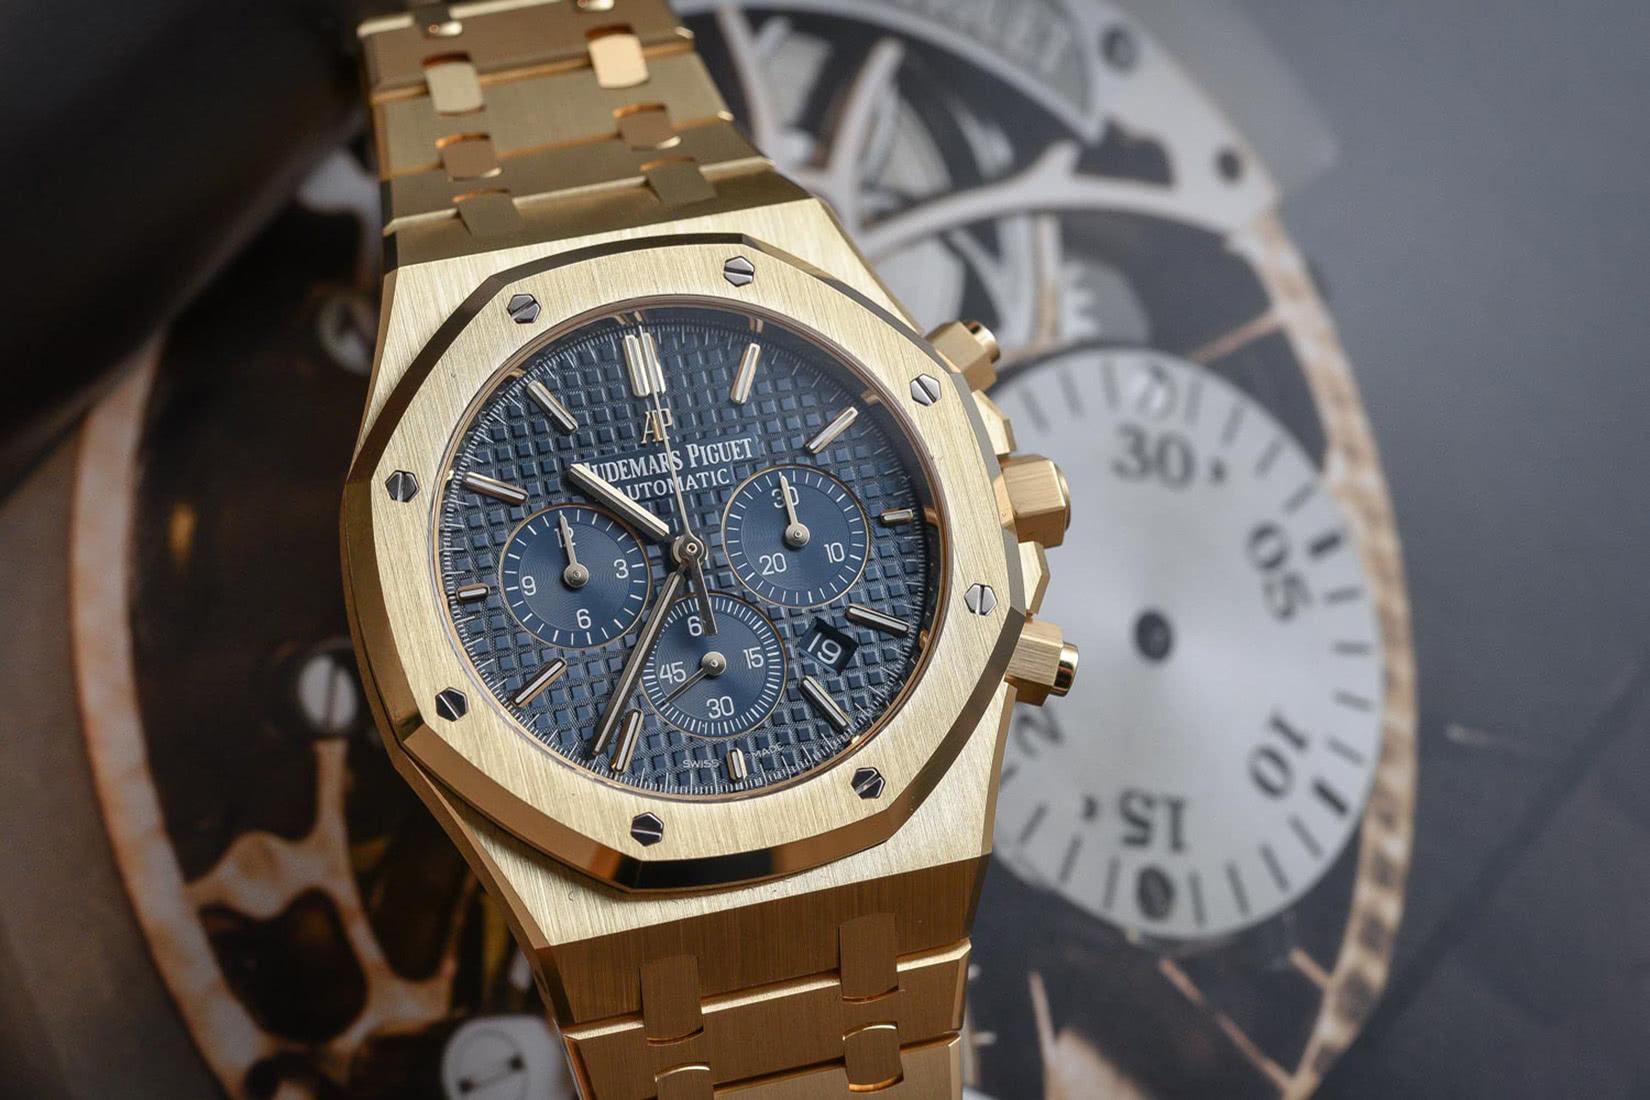 watch materials gold - Luxe Digital